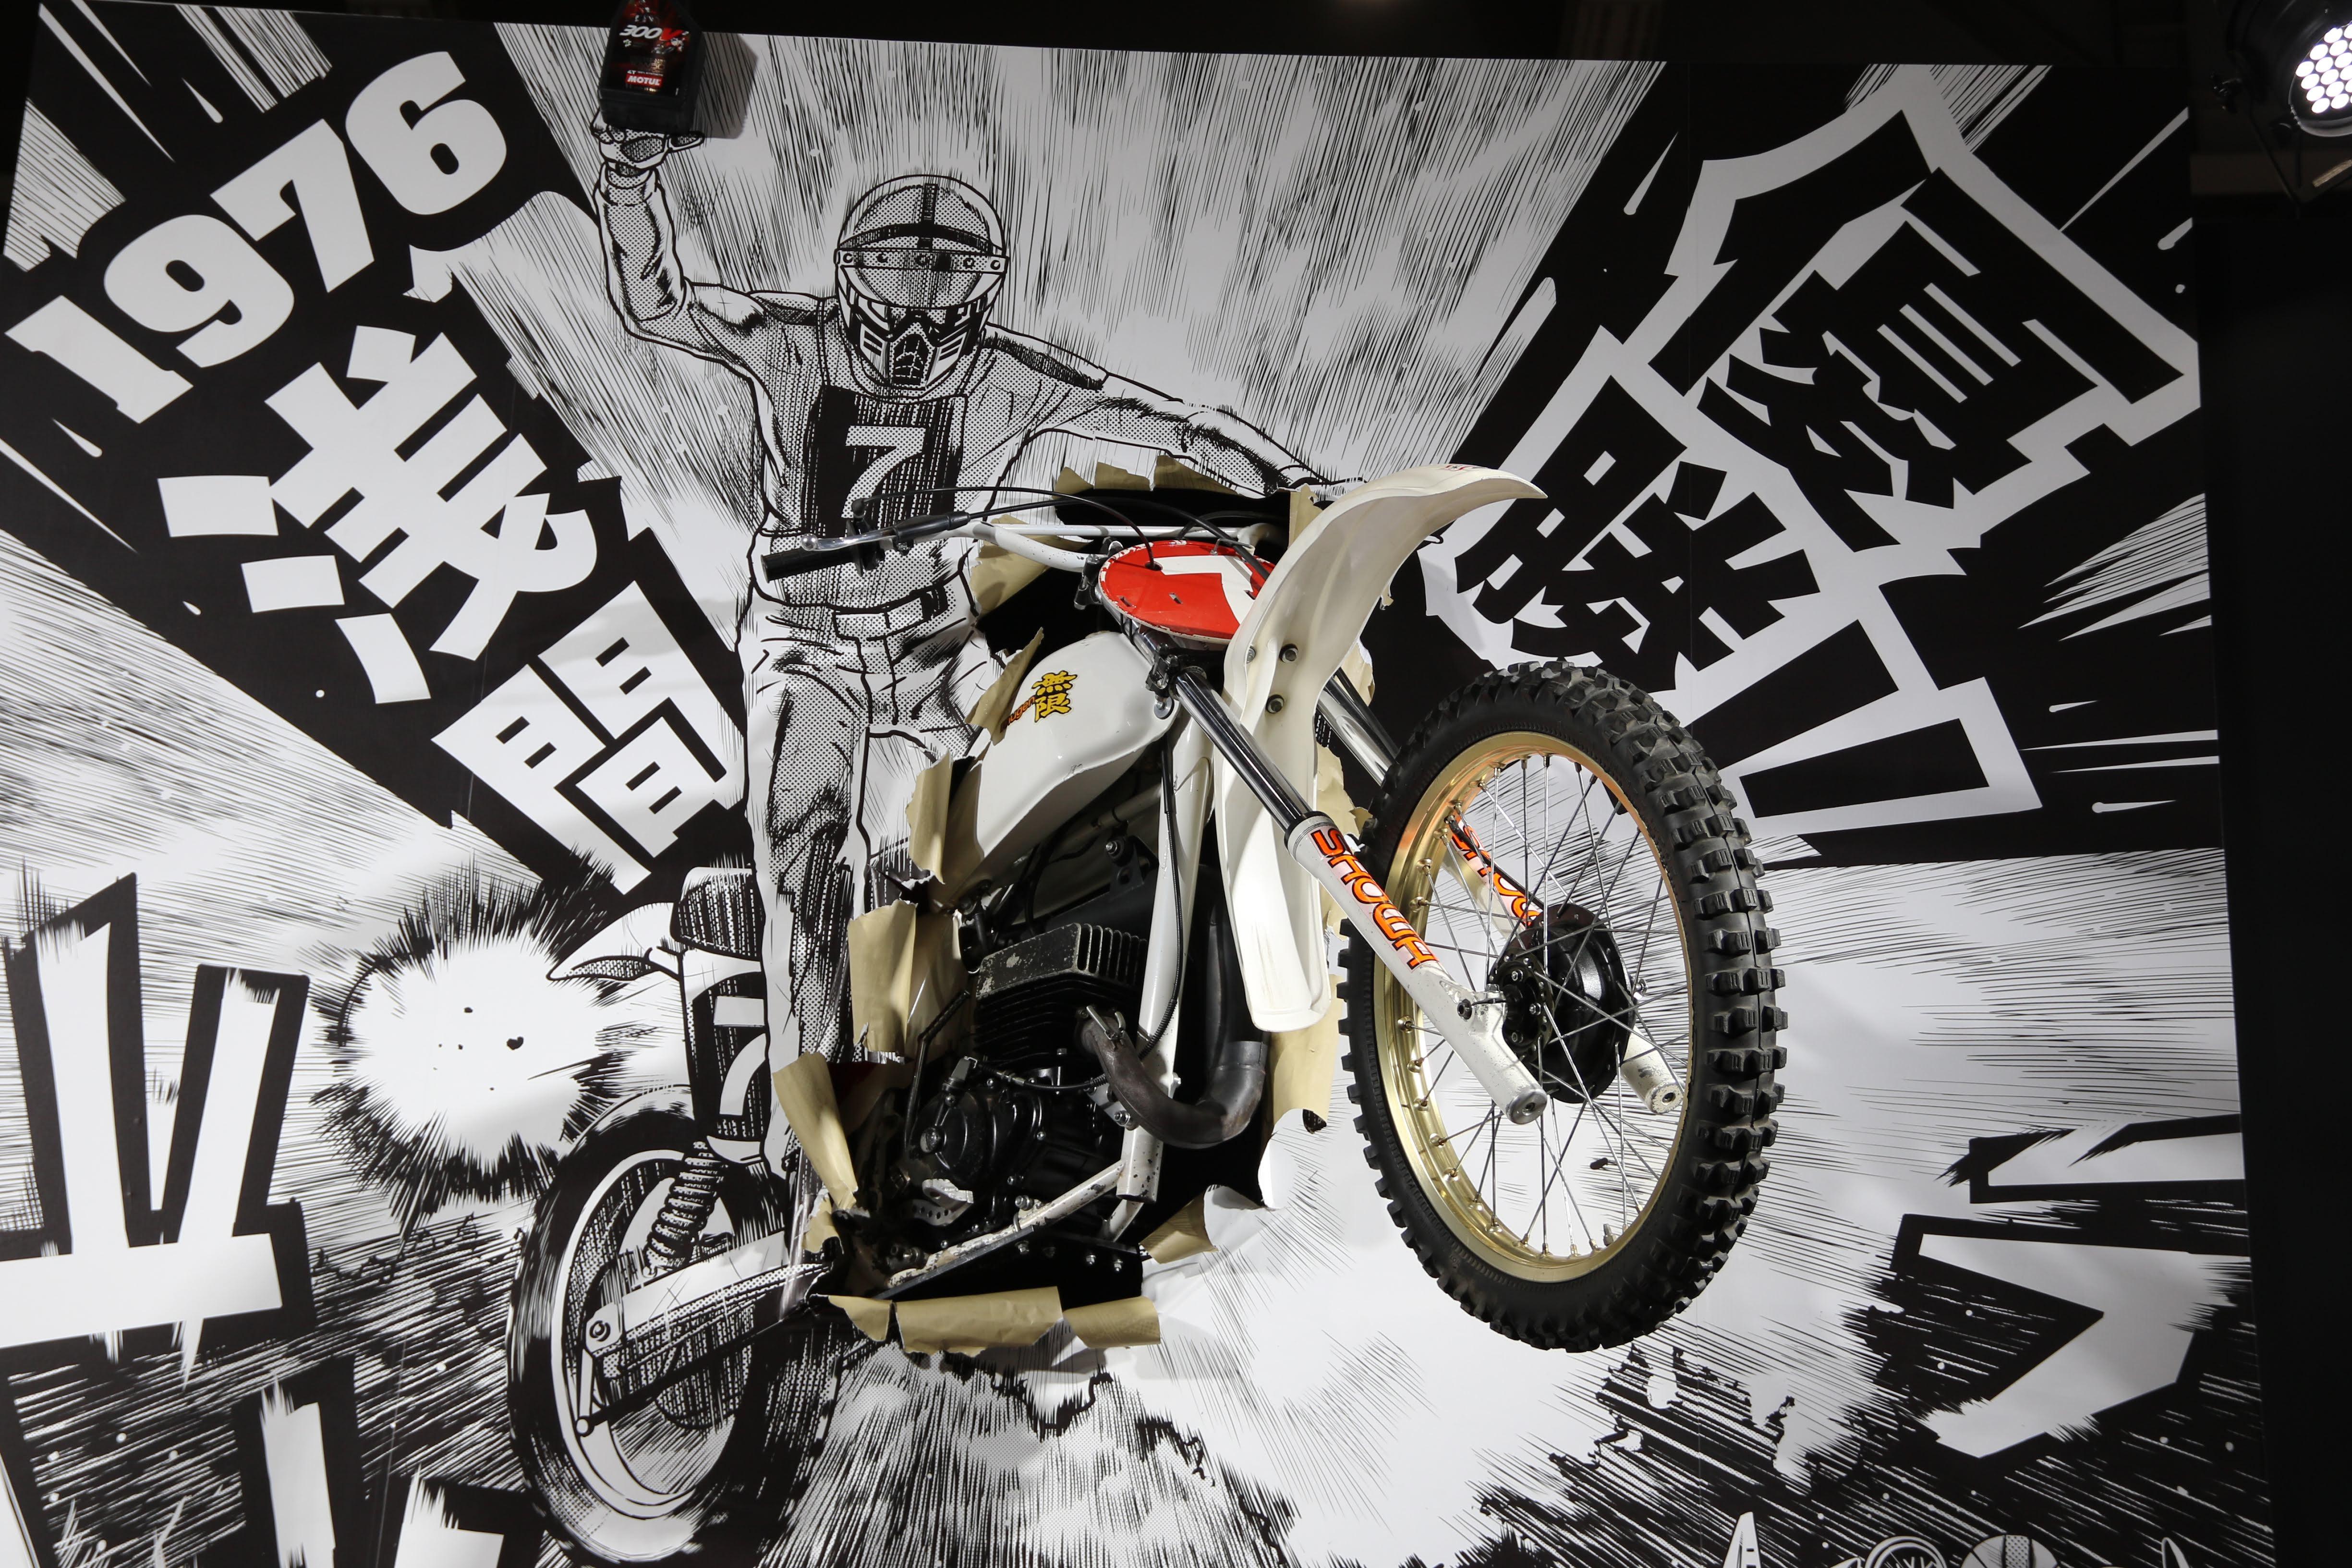 チーム無限、マン島TTゼロチャレンジクラス参戦継続! 6連覇をめざす…東京モーターサイクルショー2019